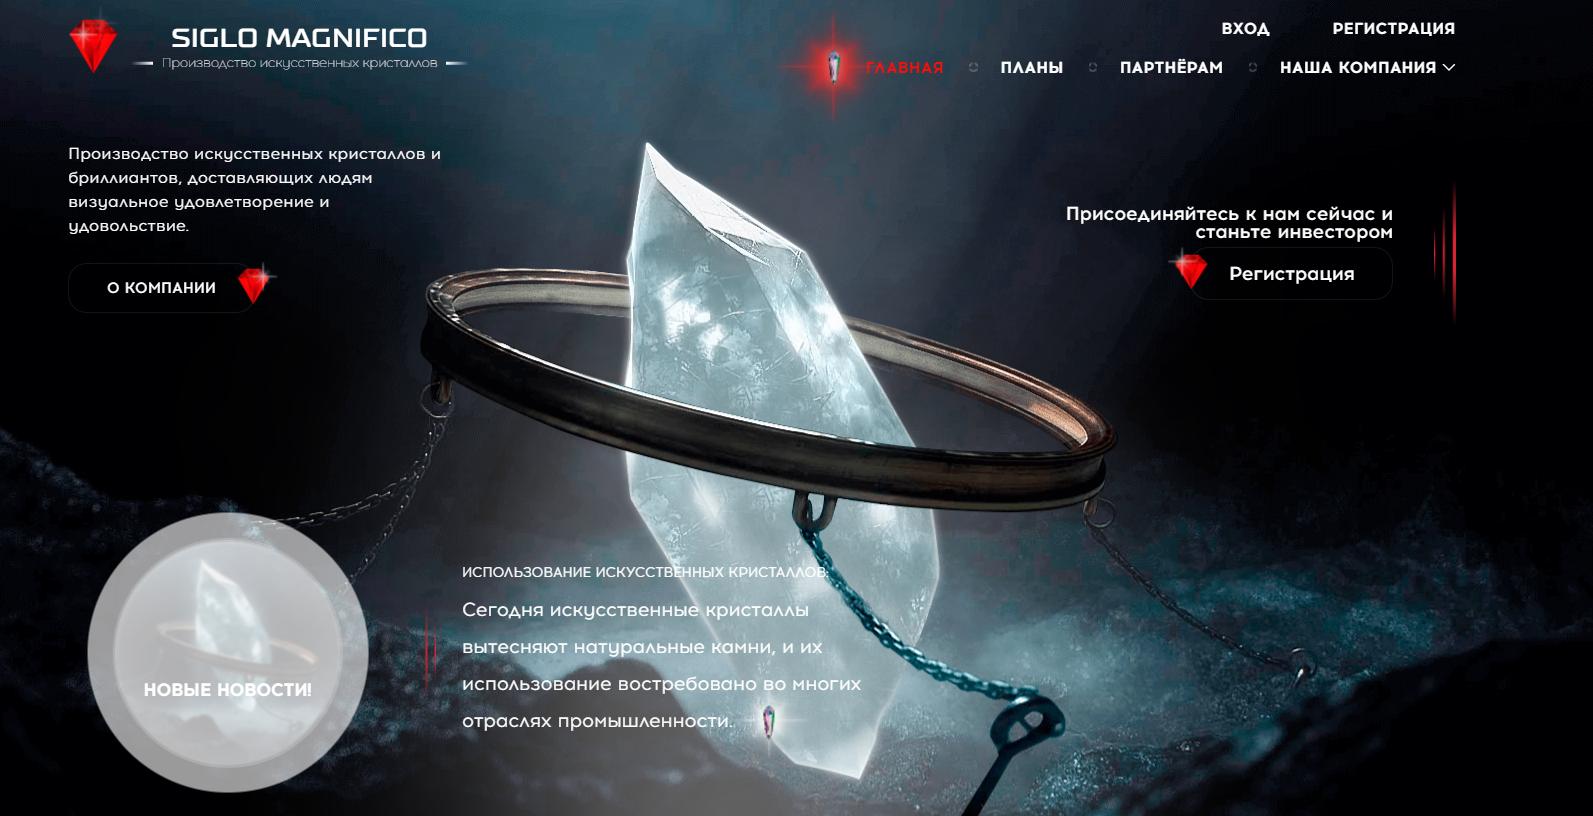 Отзывы о пирамиде Siglo Magnifico: есть ли смысл инвестировать? реальные отзывы